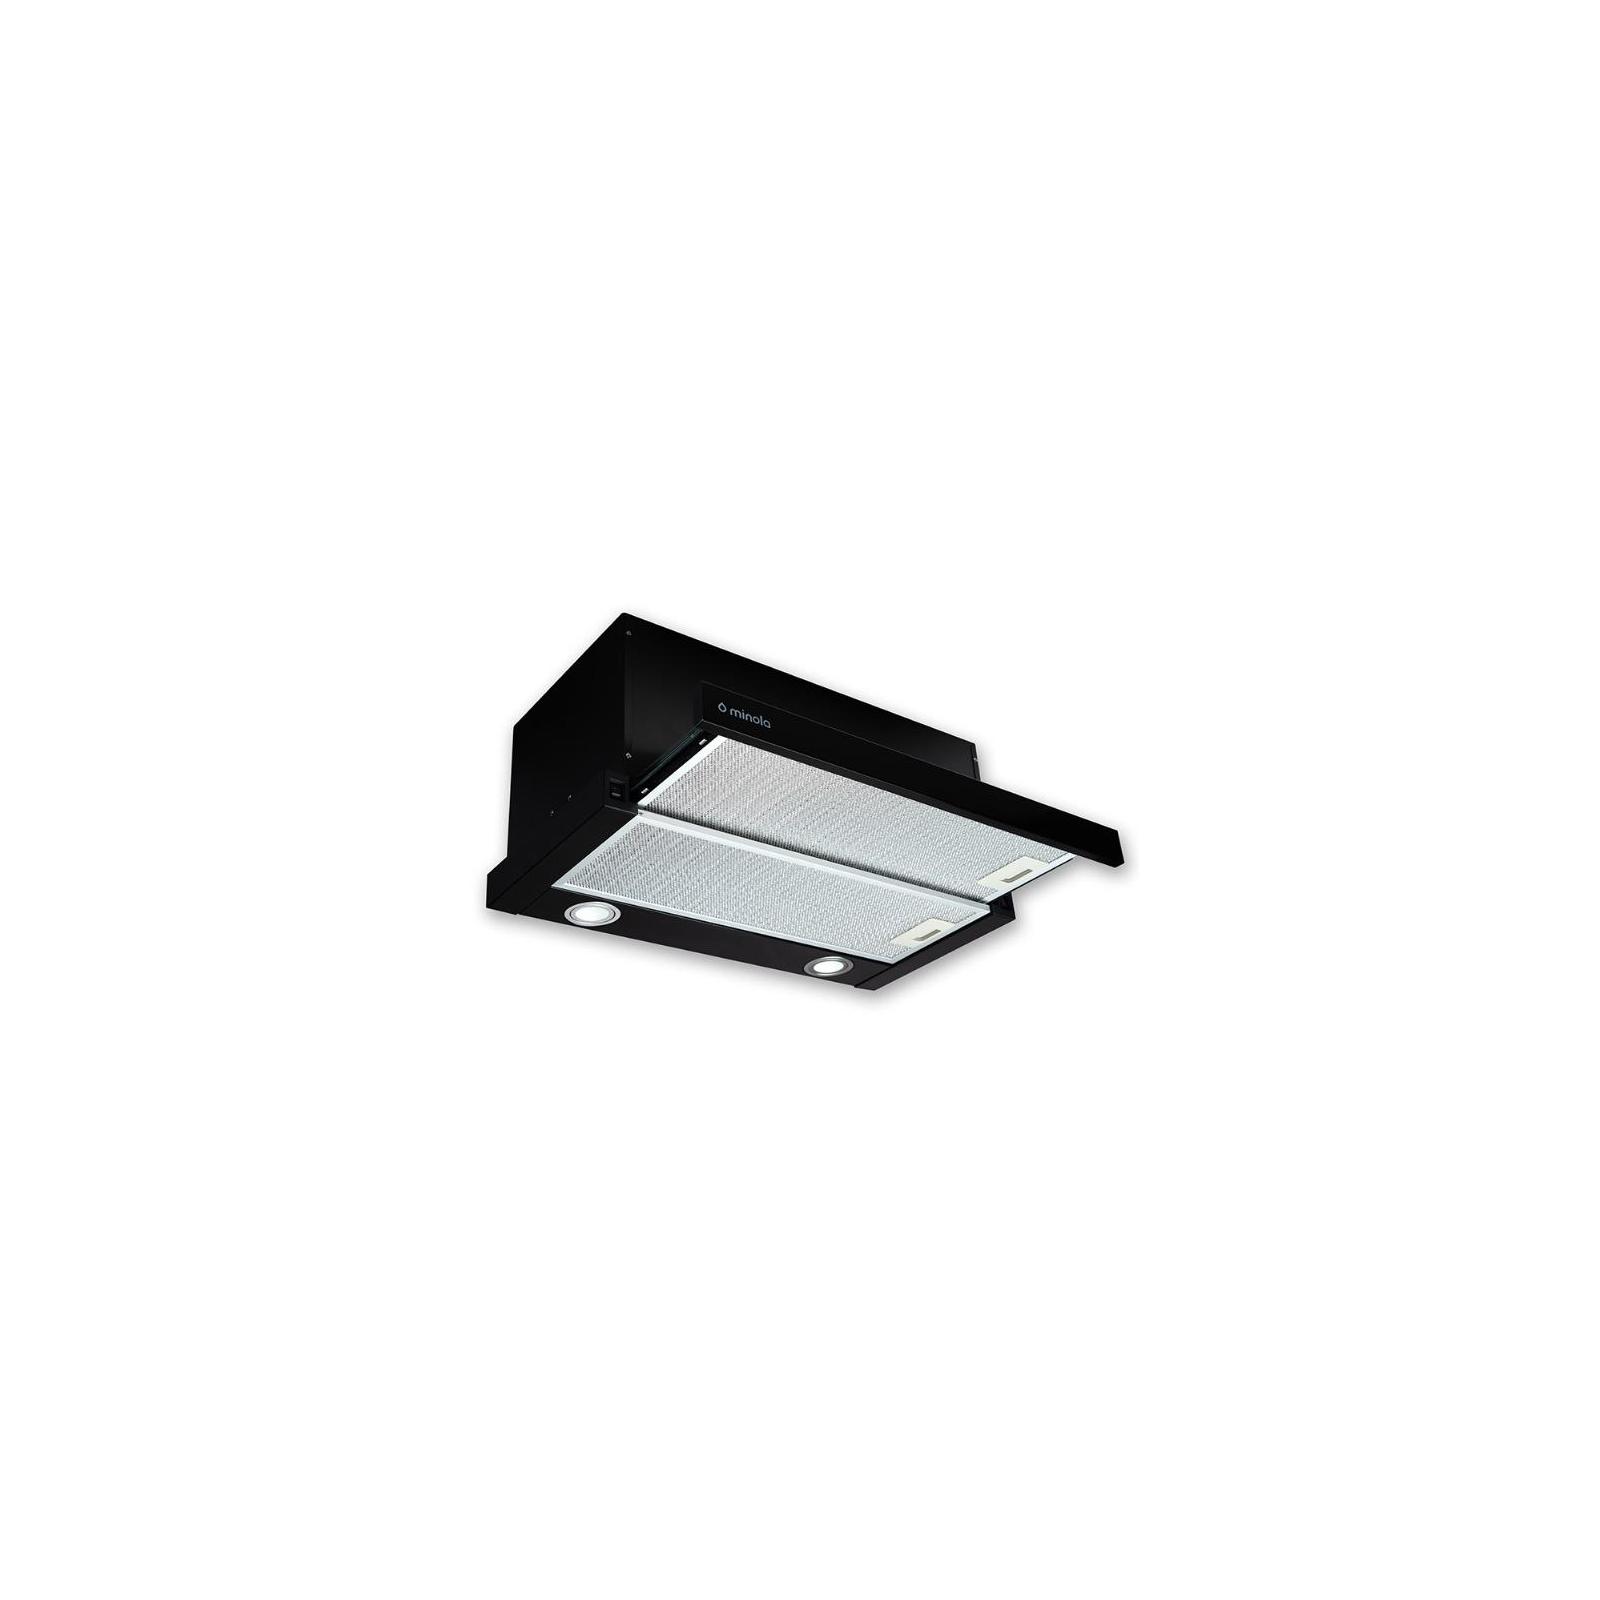 Вытяжка кухонная MINOLA HTL 6612 BL 1000 LED изображение 2